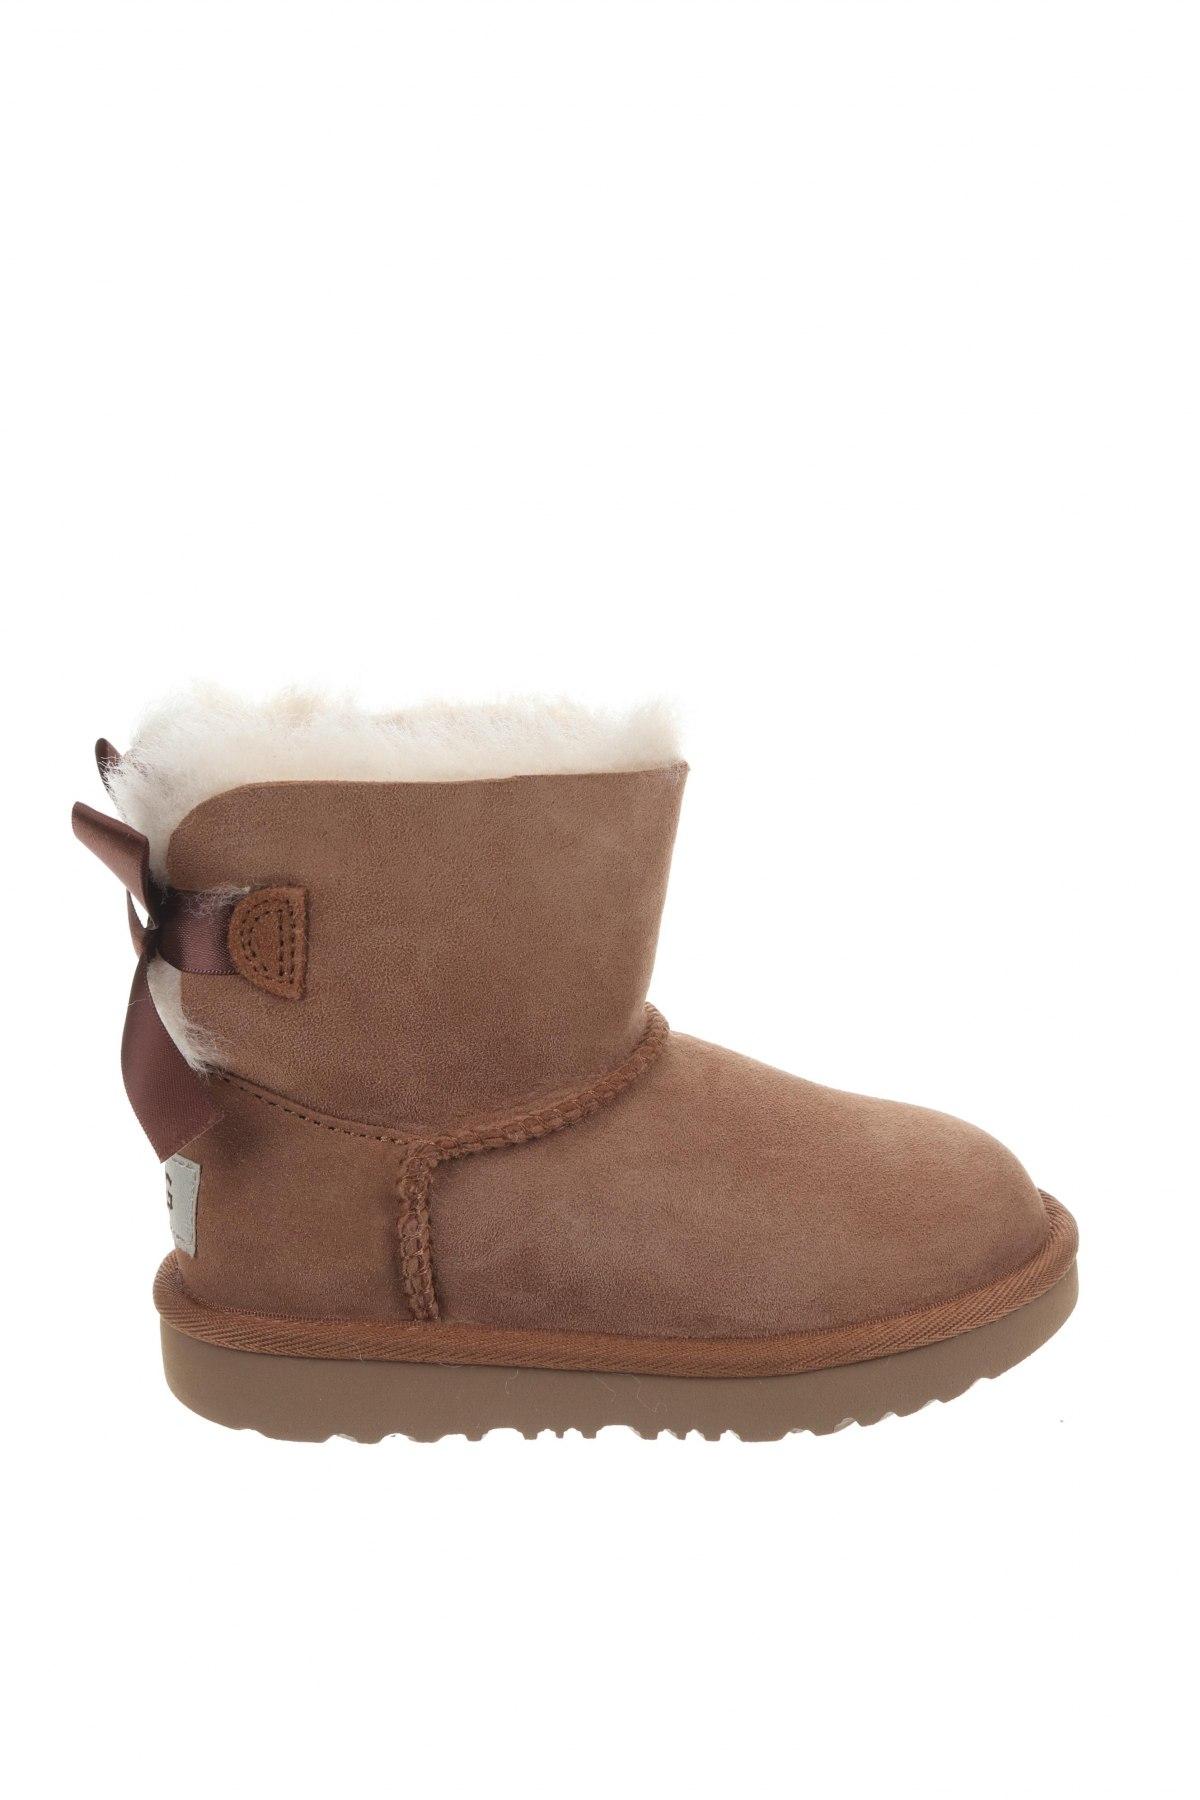 Παιδικά παπούτσια UGG Australia, Μέγεθος 26, Χρώμα Καφέ, Φυσικό σουέτ, Τιμή 57,66€